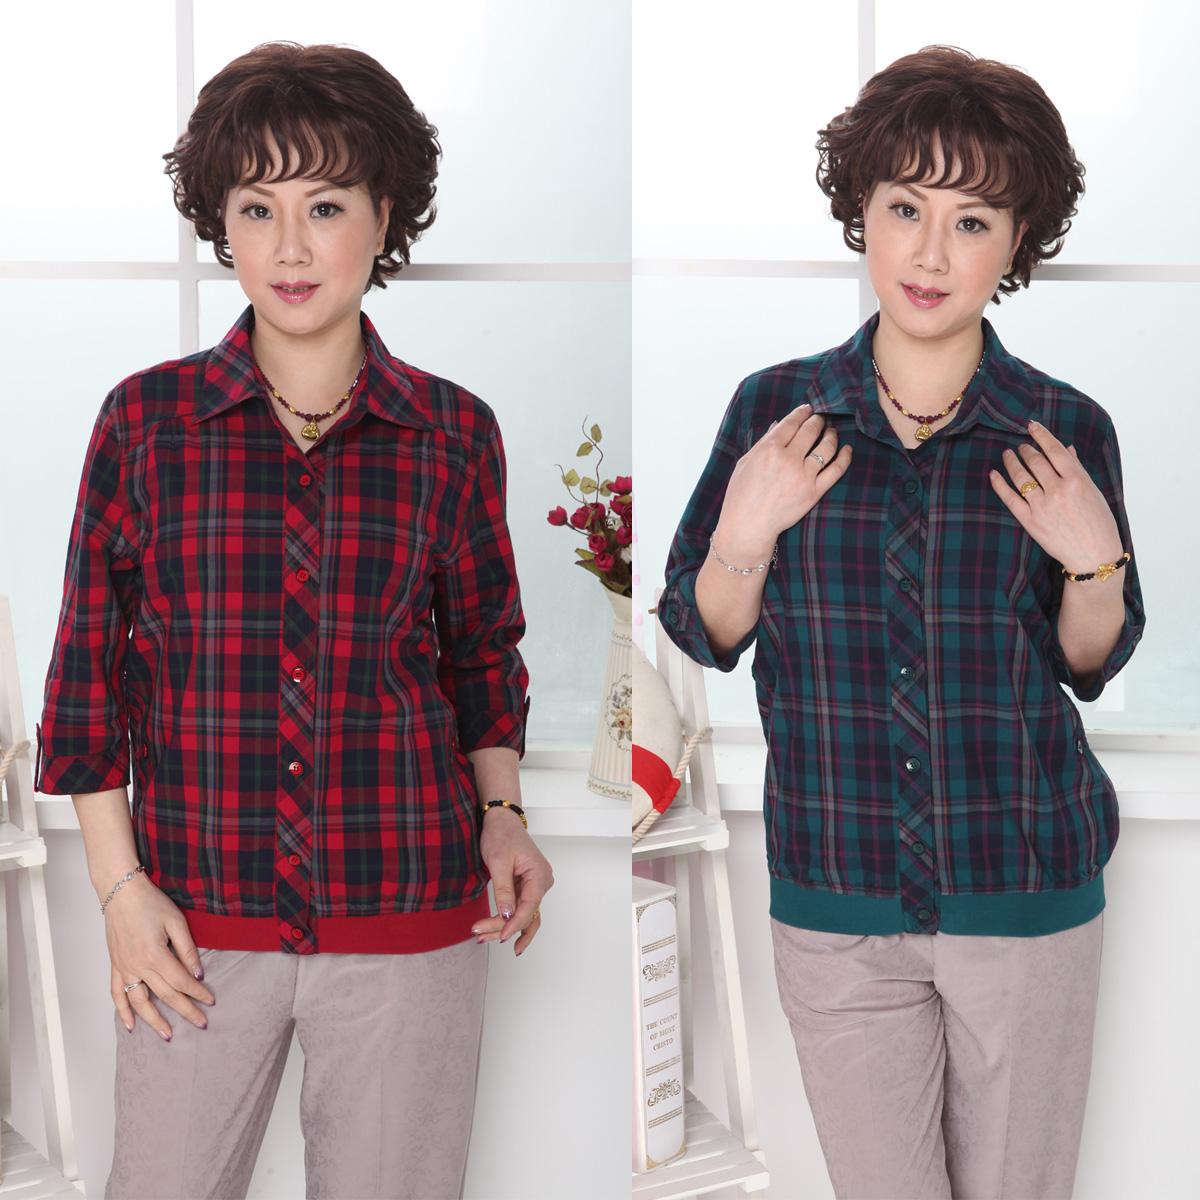 中老年女装 2013春季套装休闲格子衬衫 中袖 七分 中老年衬衣包邮